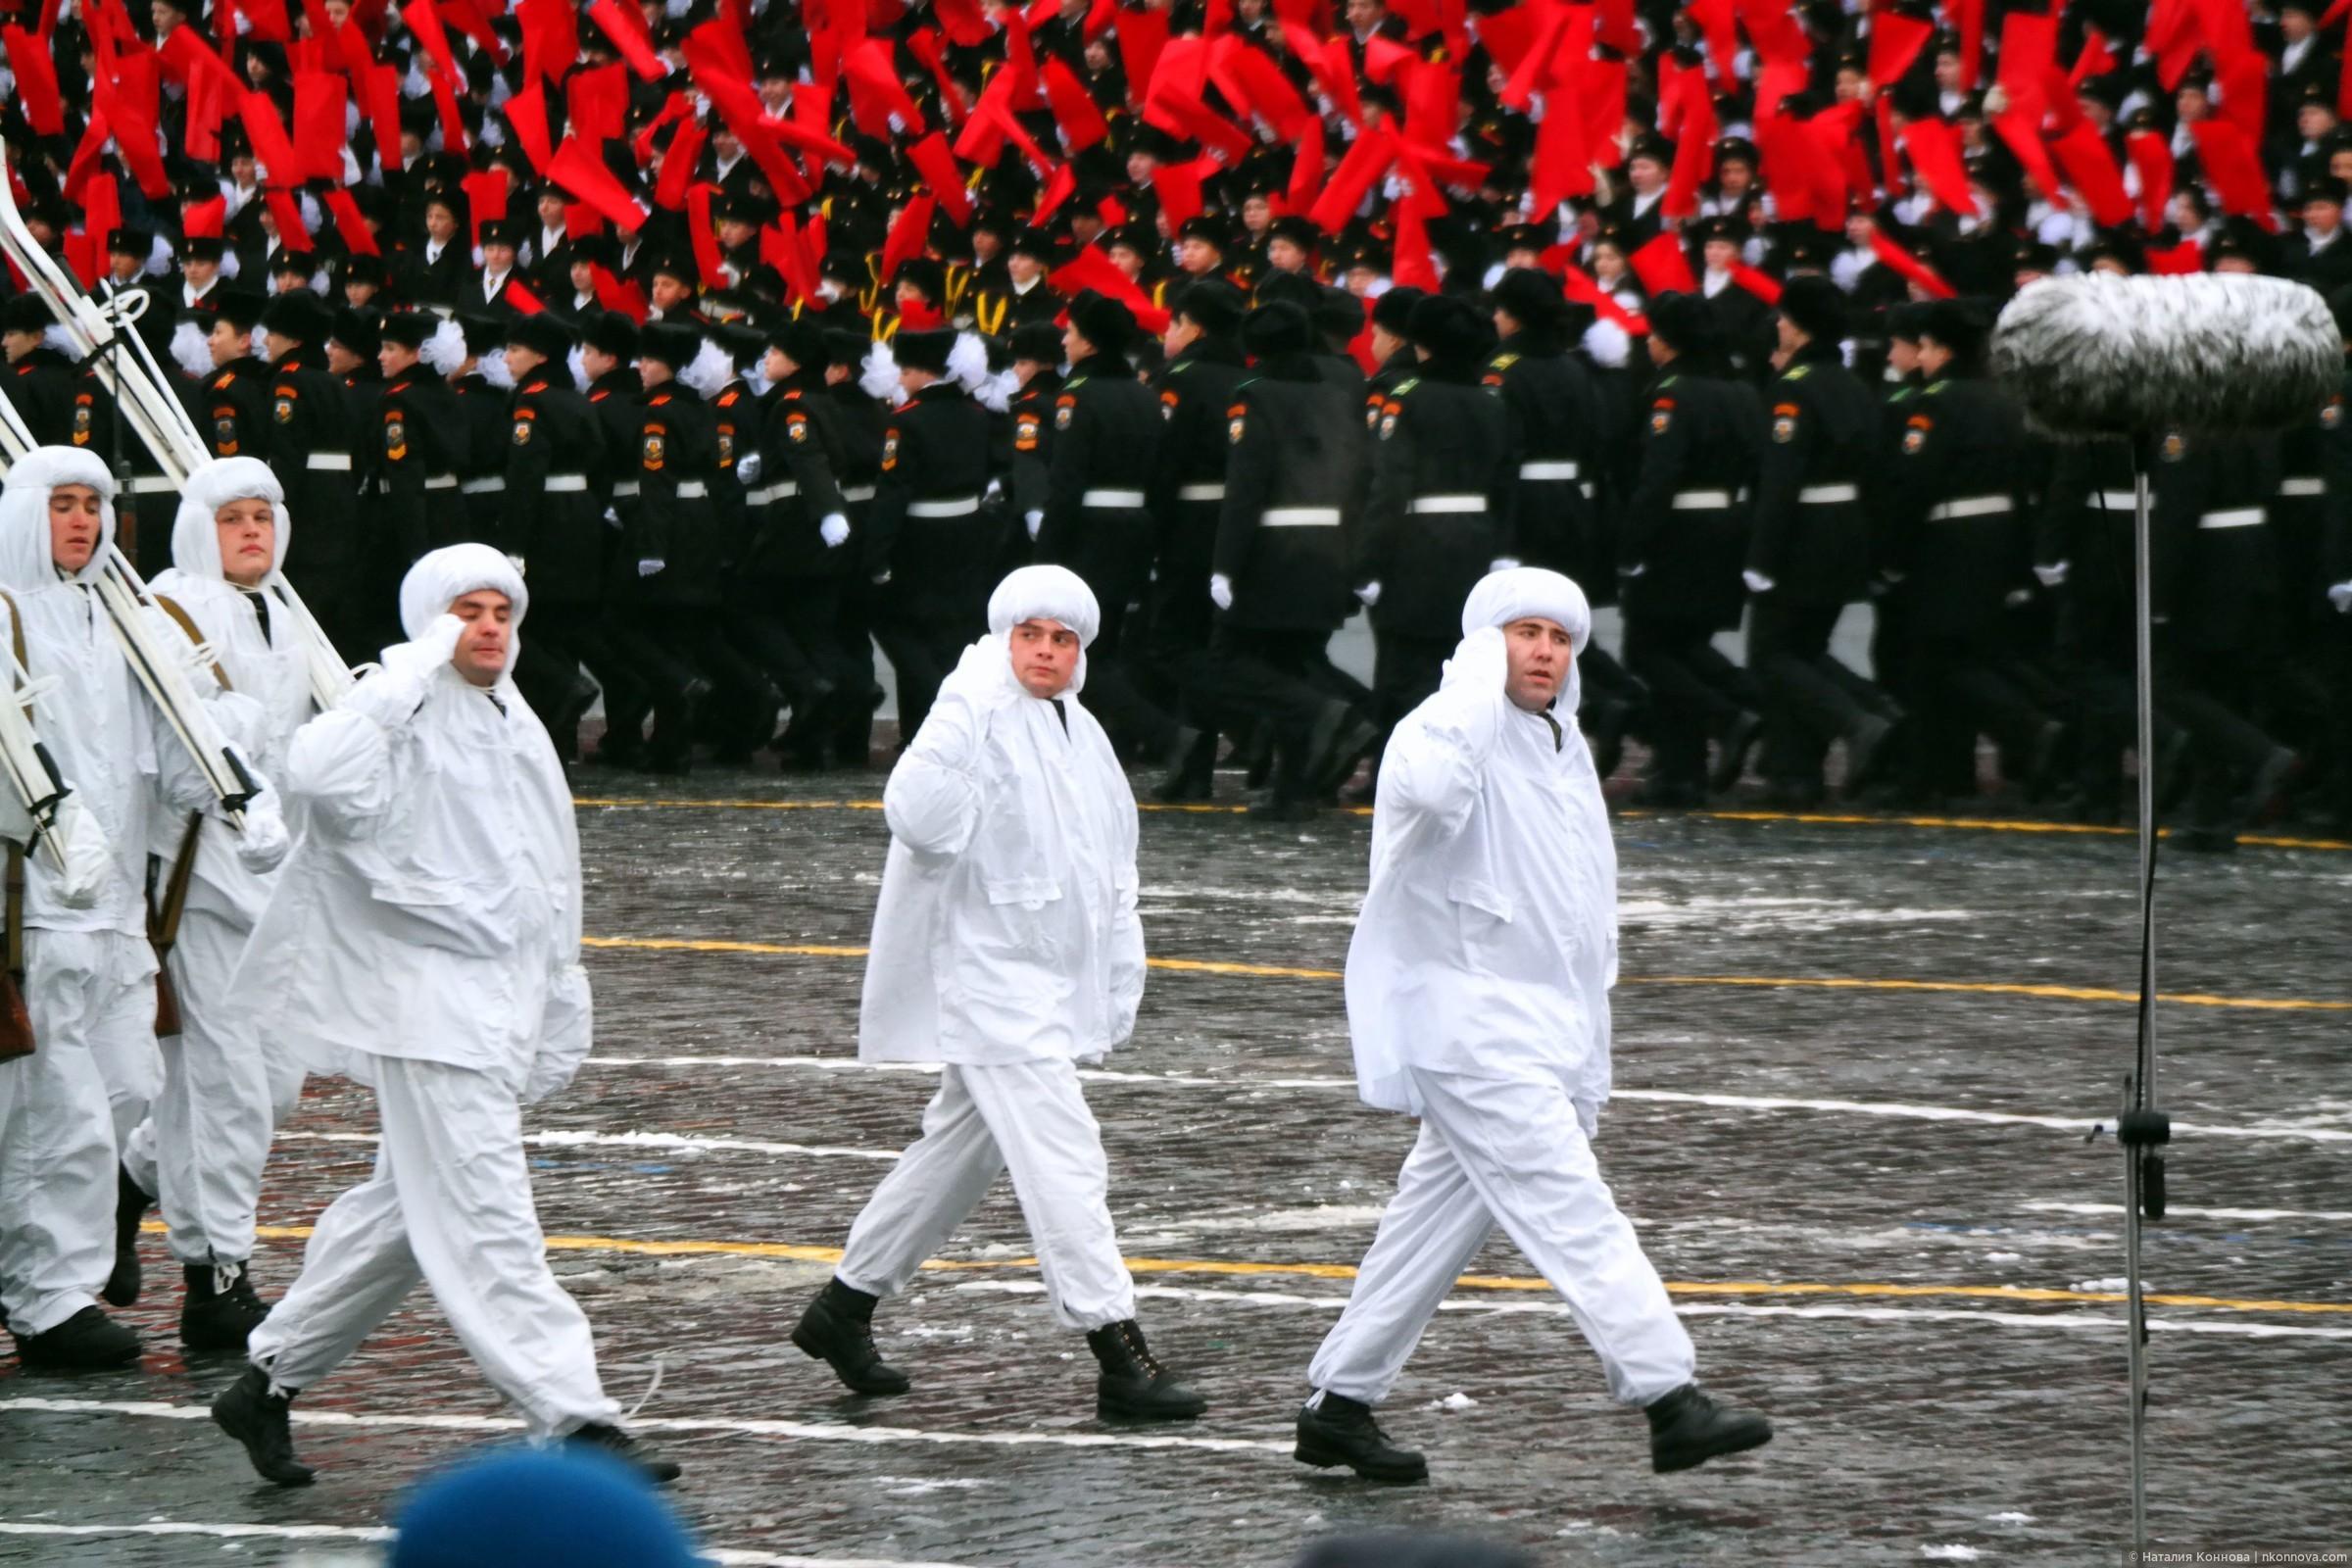 Отдельная Краснознаменная мотострелковая дивизия особого назначения им. Дзержинского., Торжественный марш 7 ноября 2016, Красная пл.